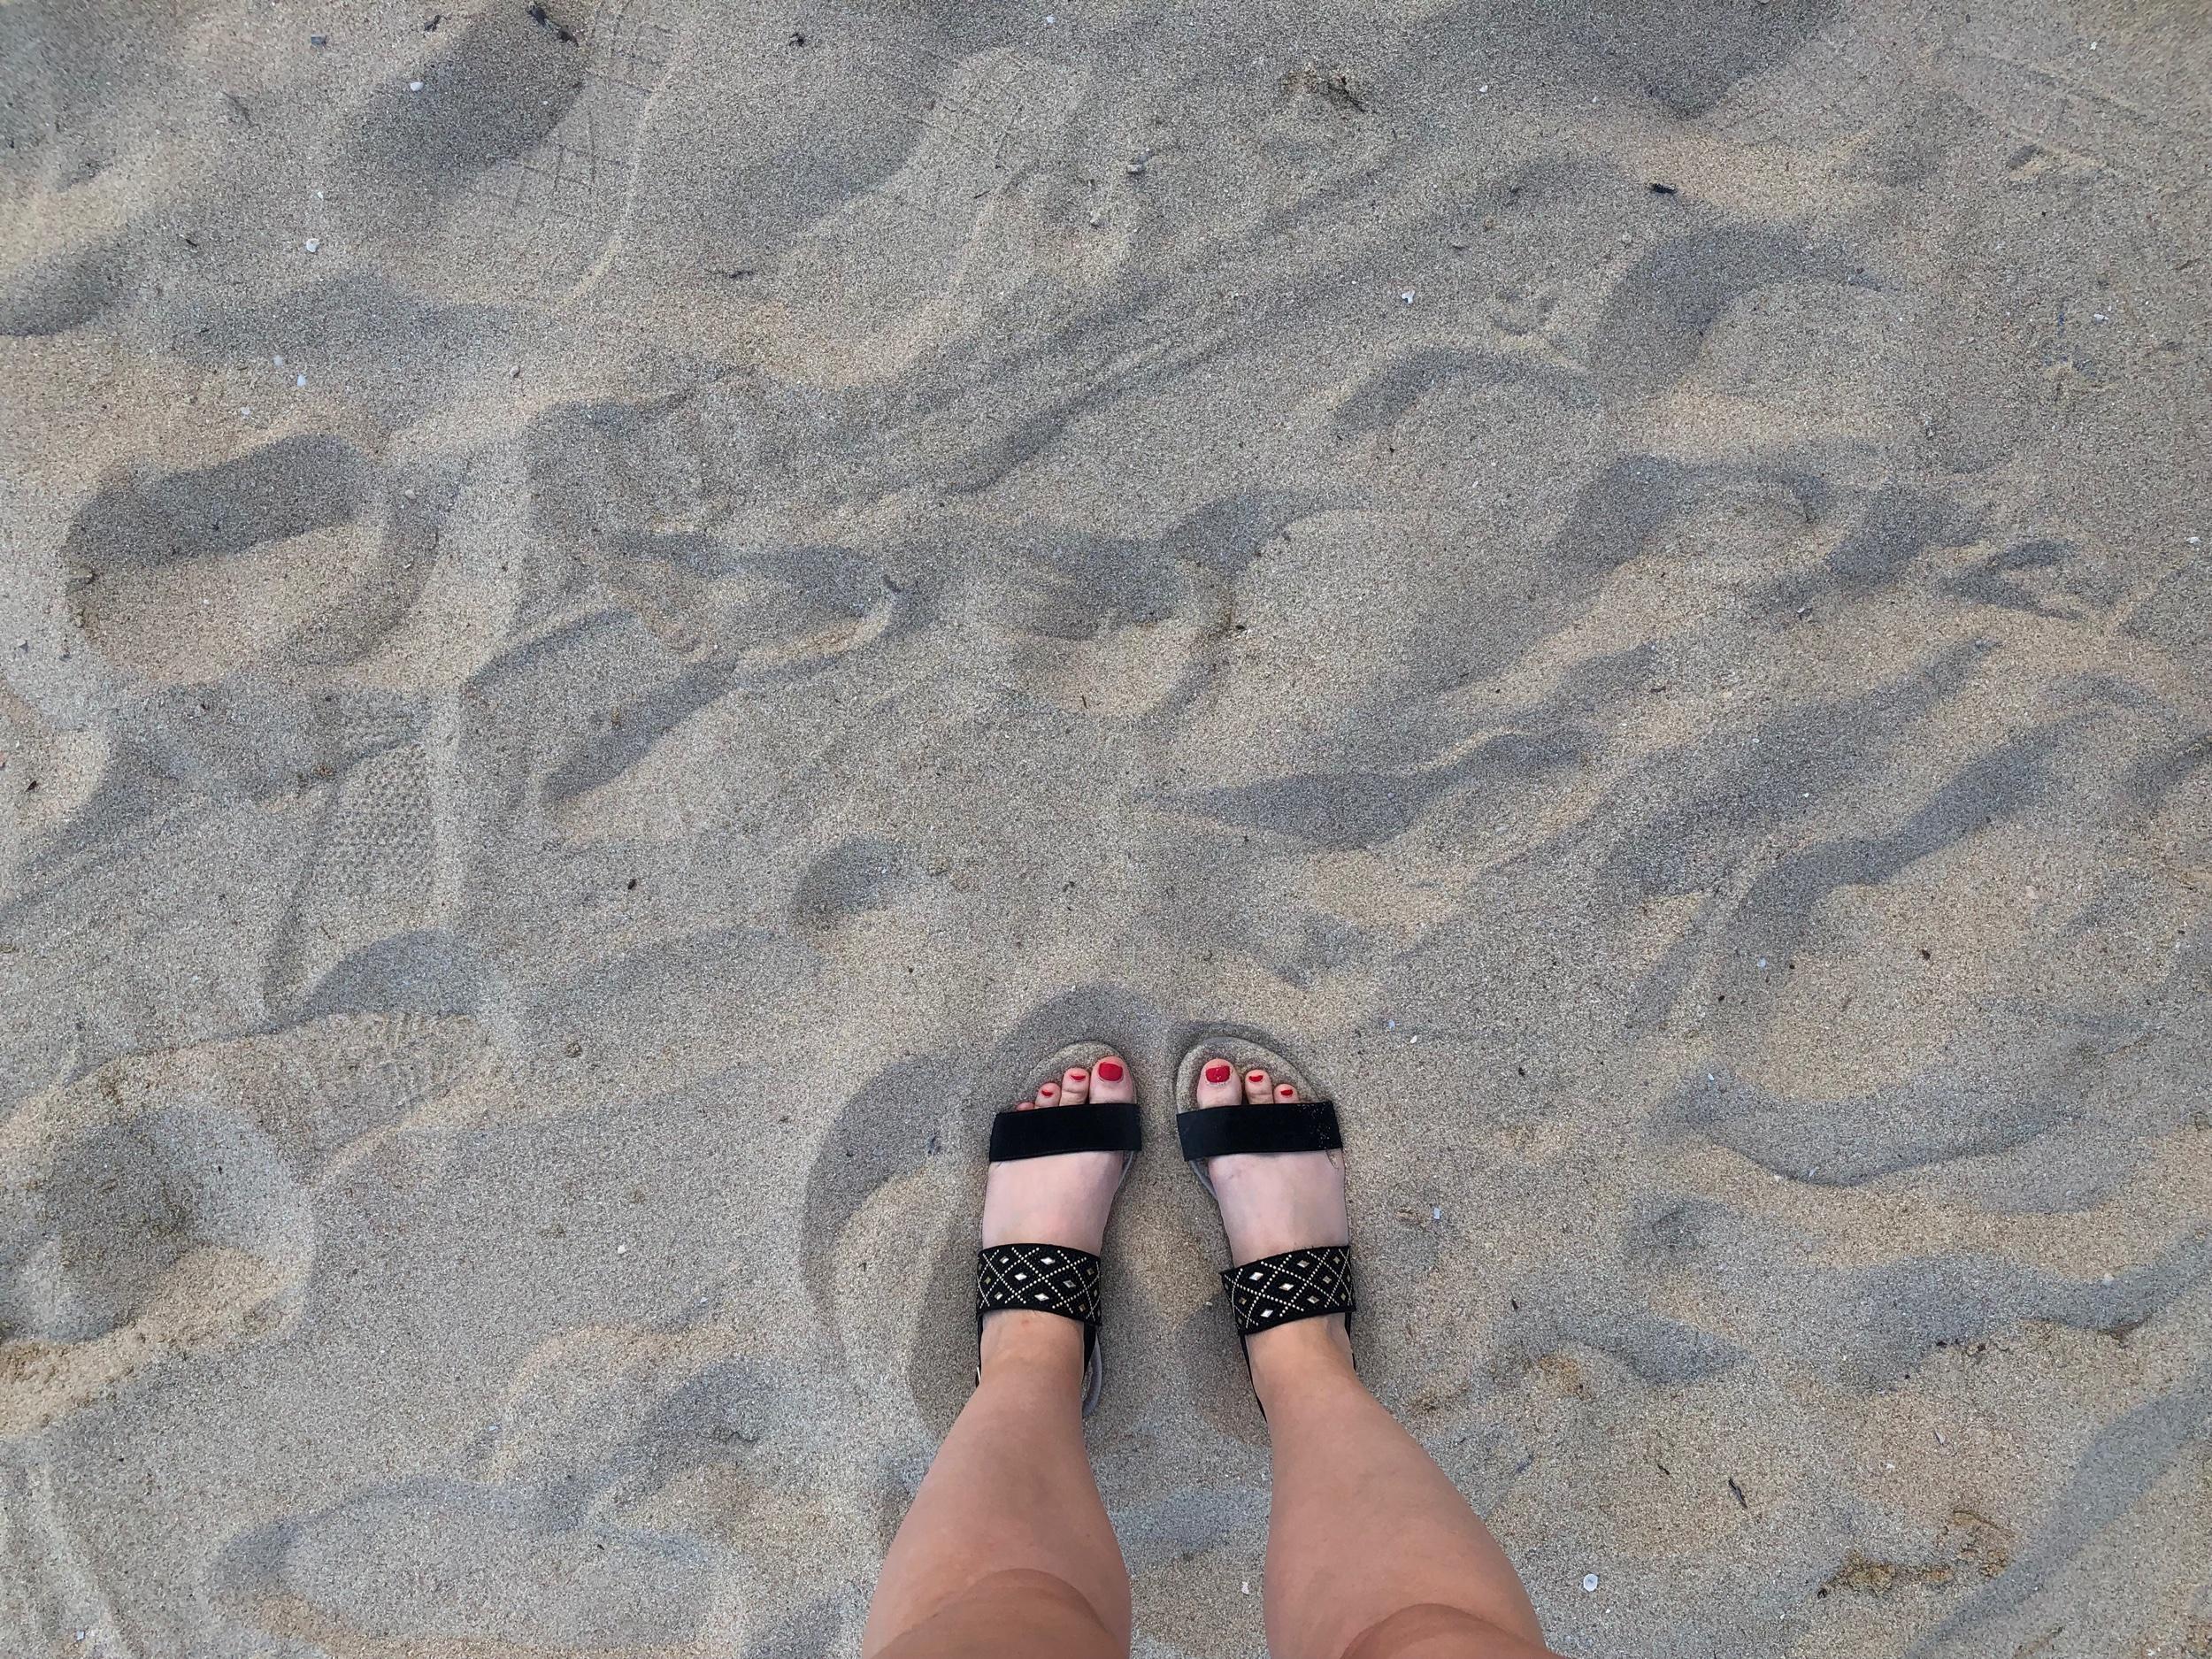 Vita, slitna och lite skitiga bil-fötter på strandpromenad i Cala Major.